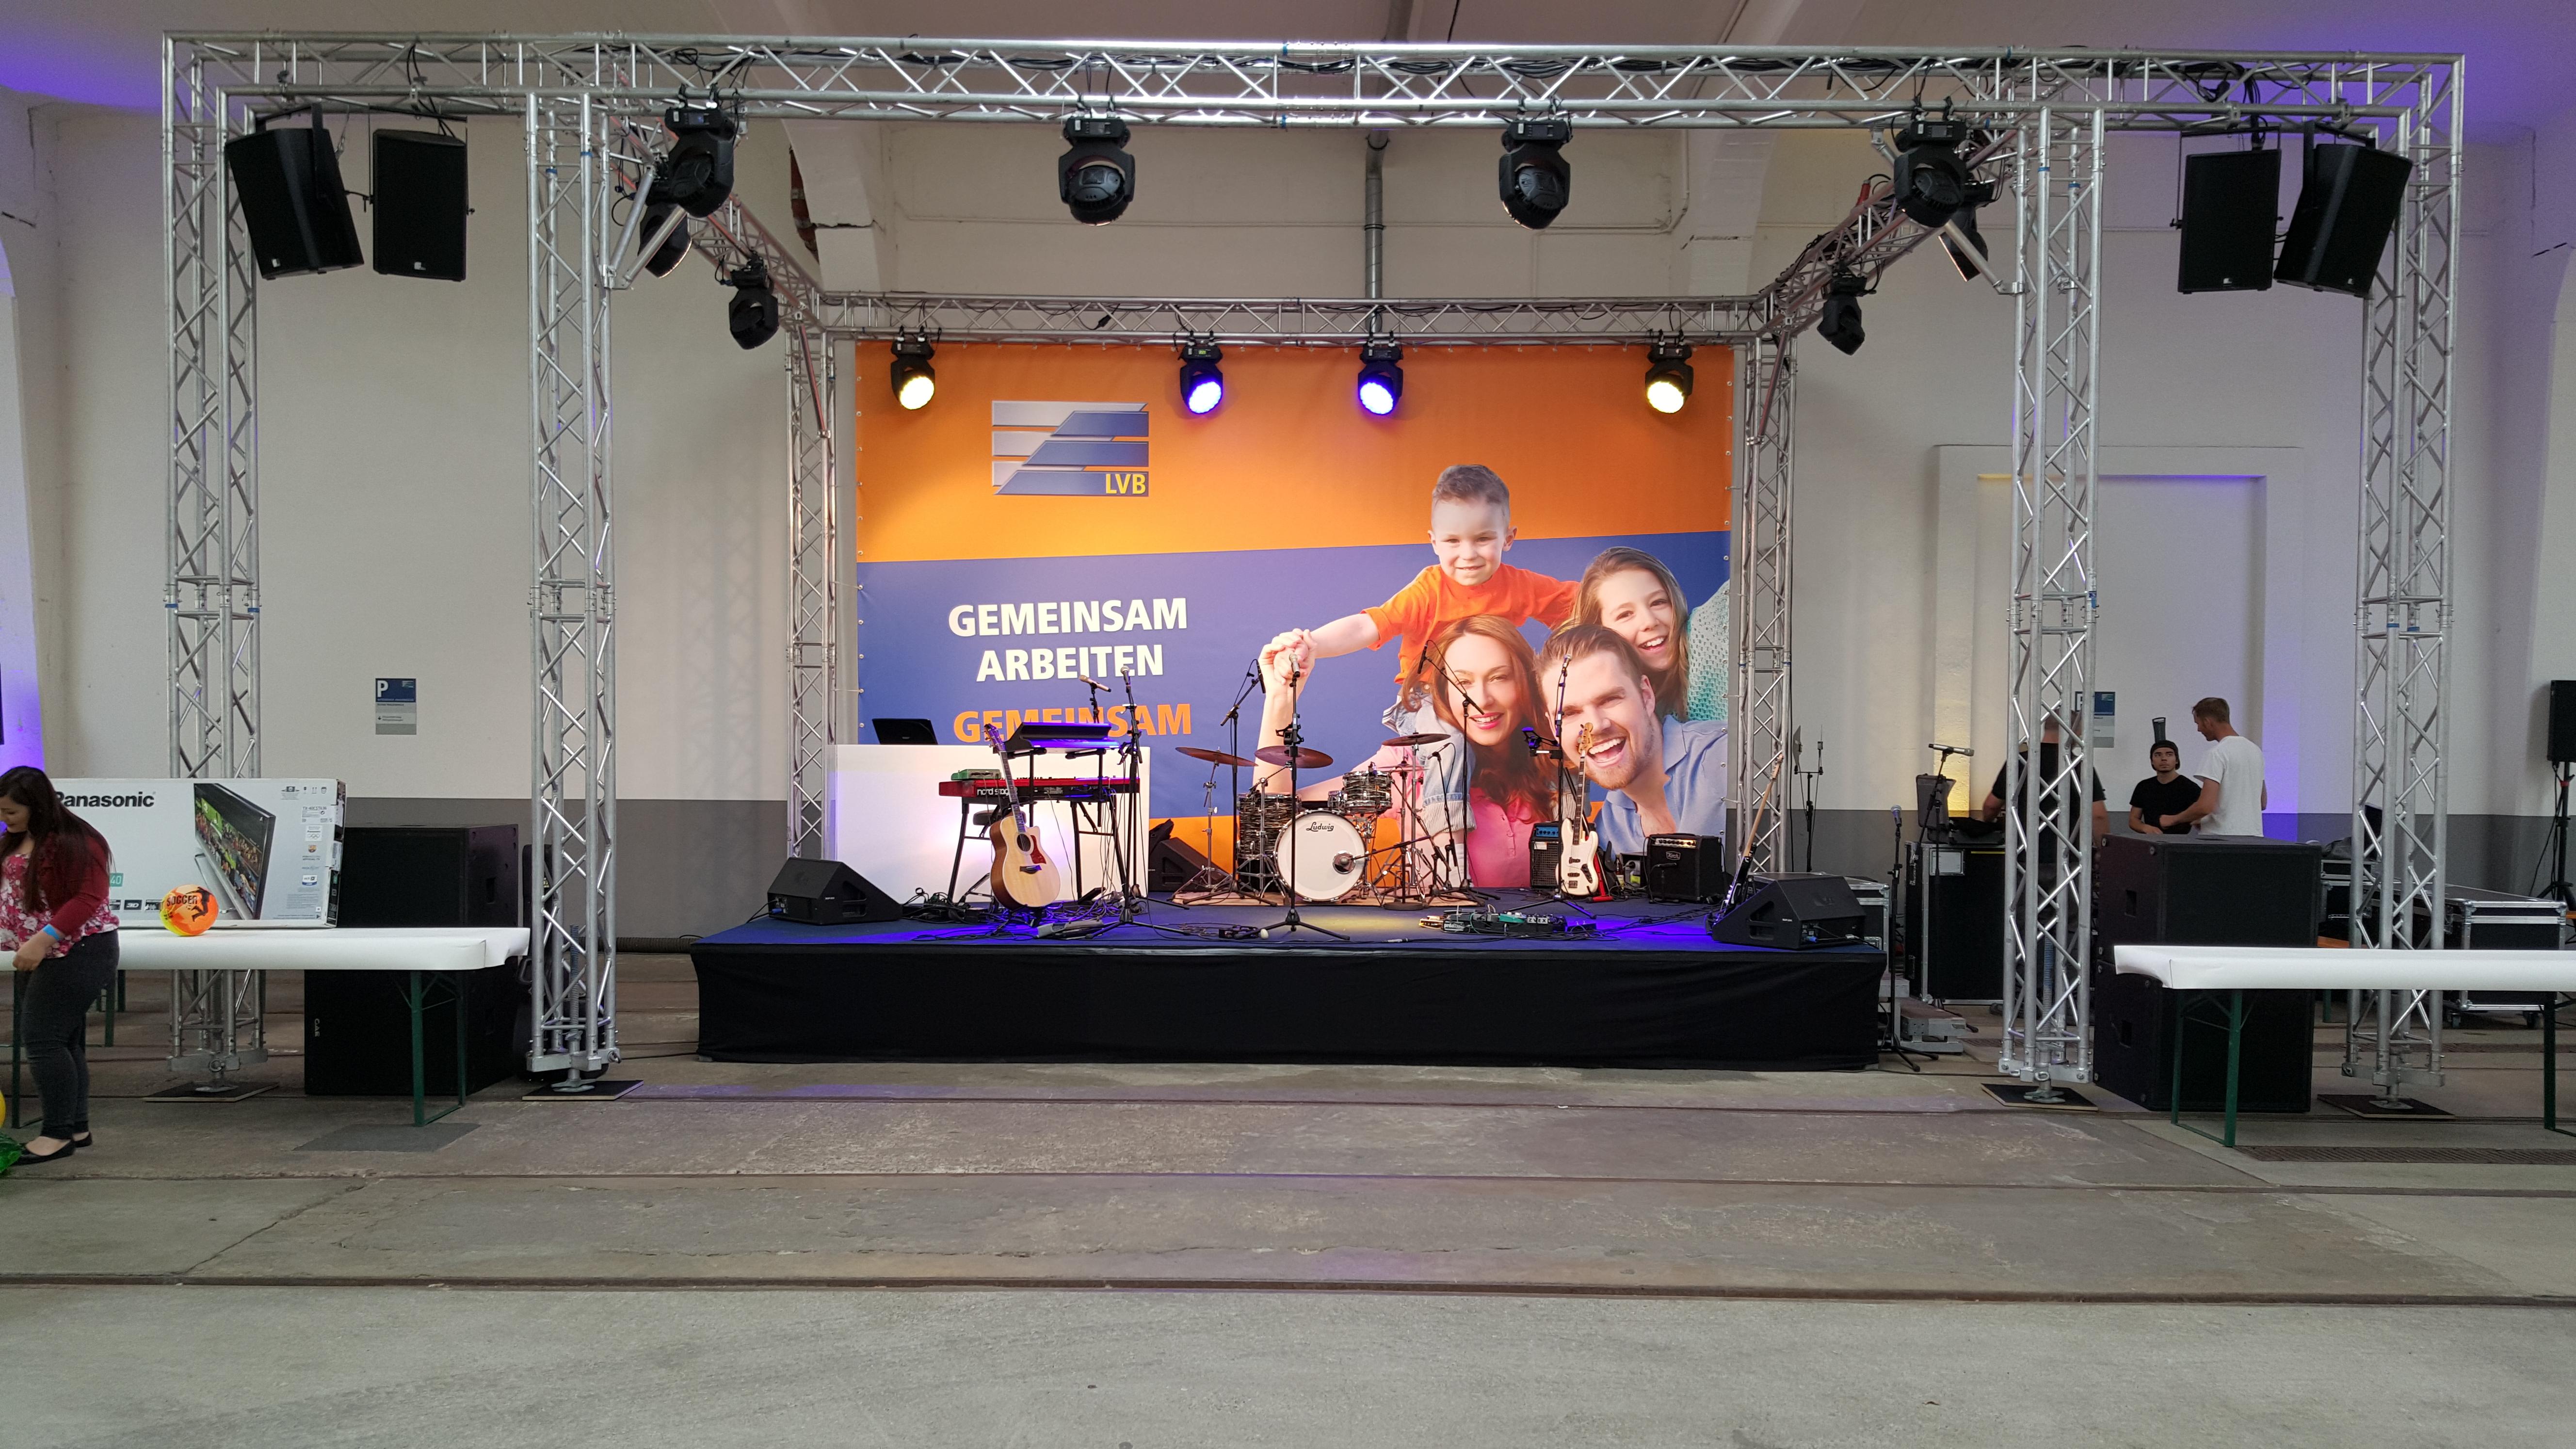 DJ Firmenfeier / Firmenevent